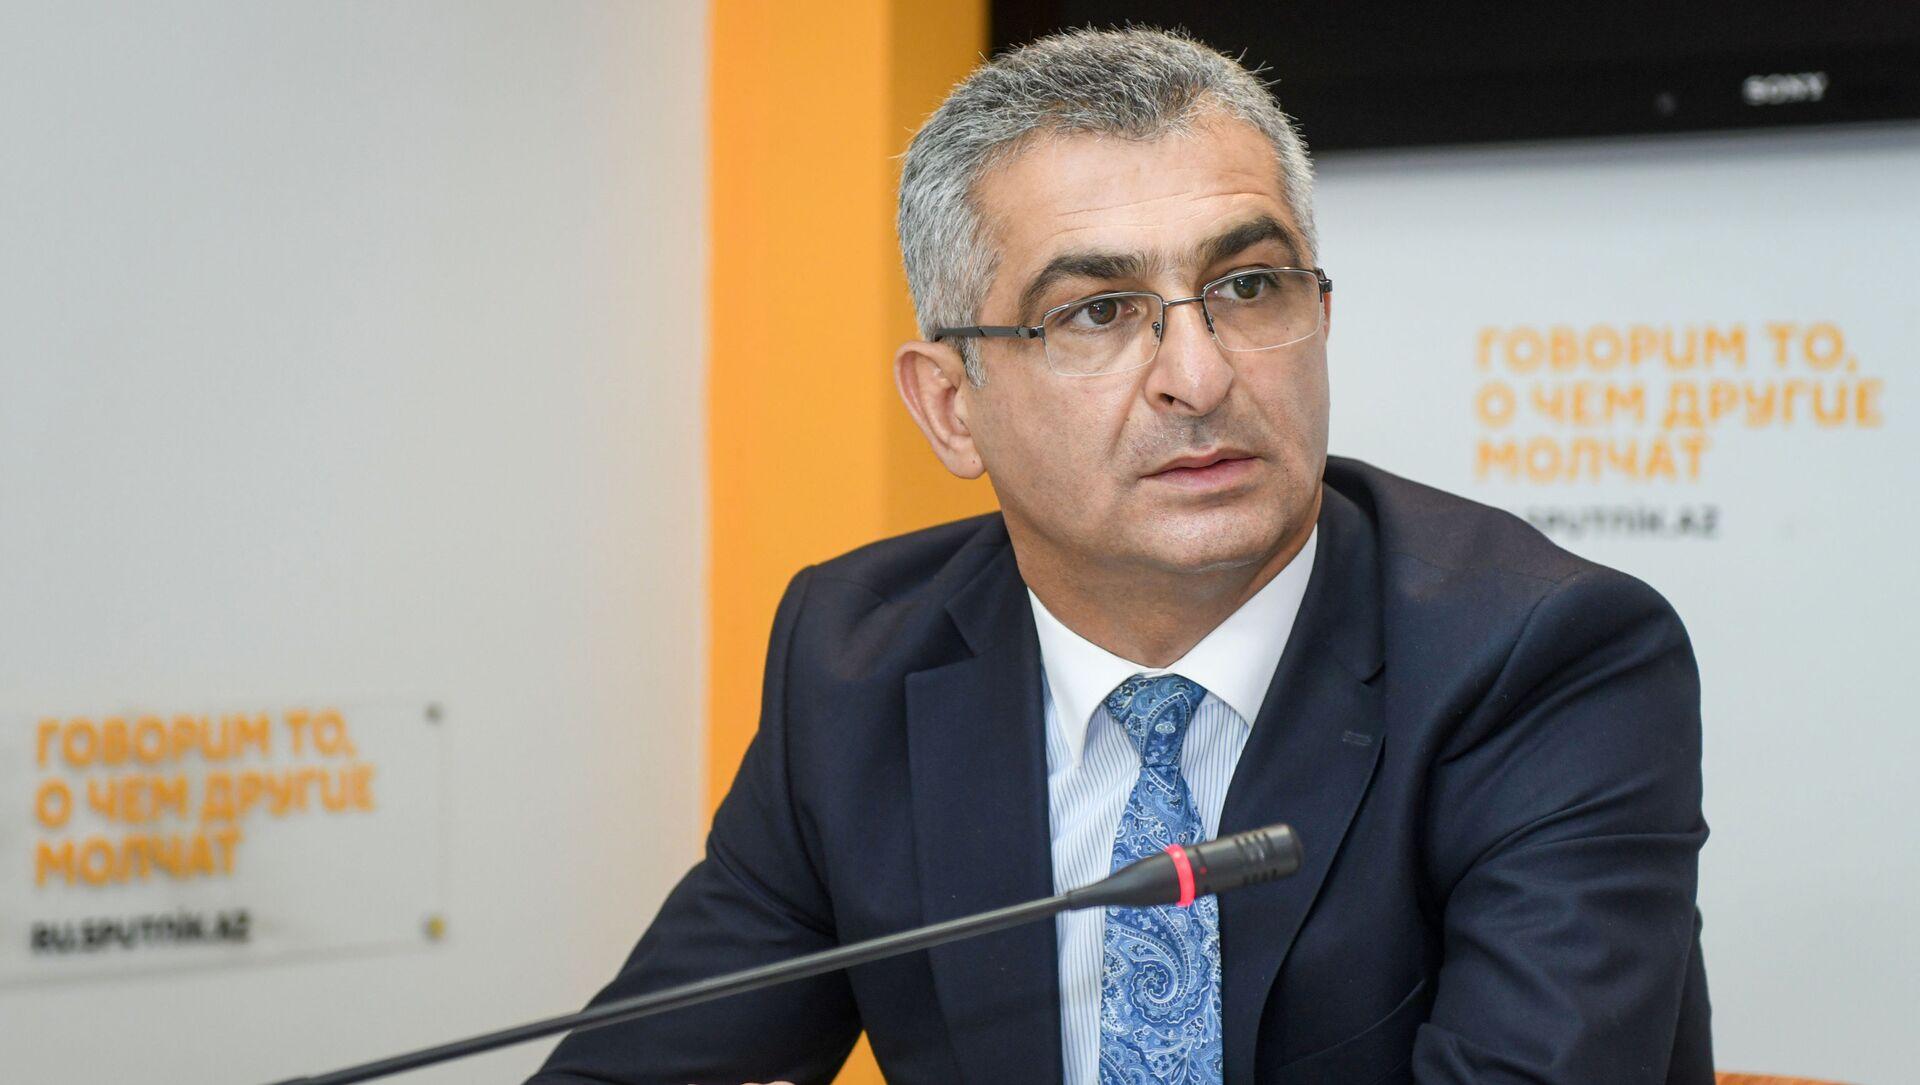 Ответственный секретарь Общественного совета при министерстве образования Ильгар Оруджев - Sputnik Азербайджан, 1920, 24.02.2021